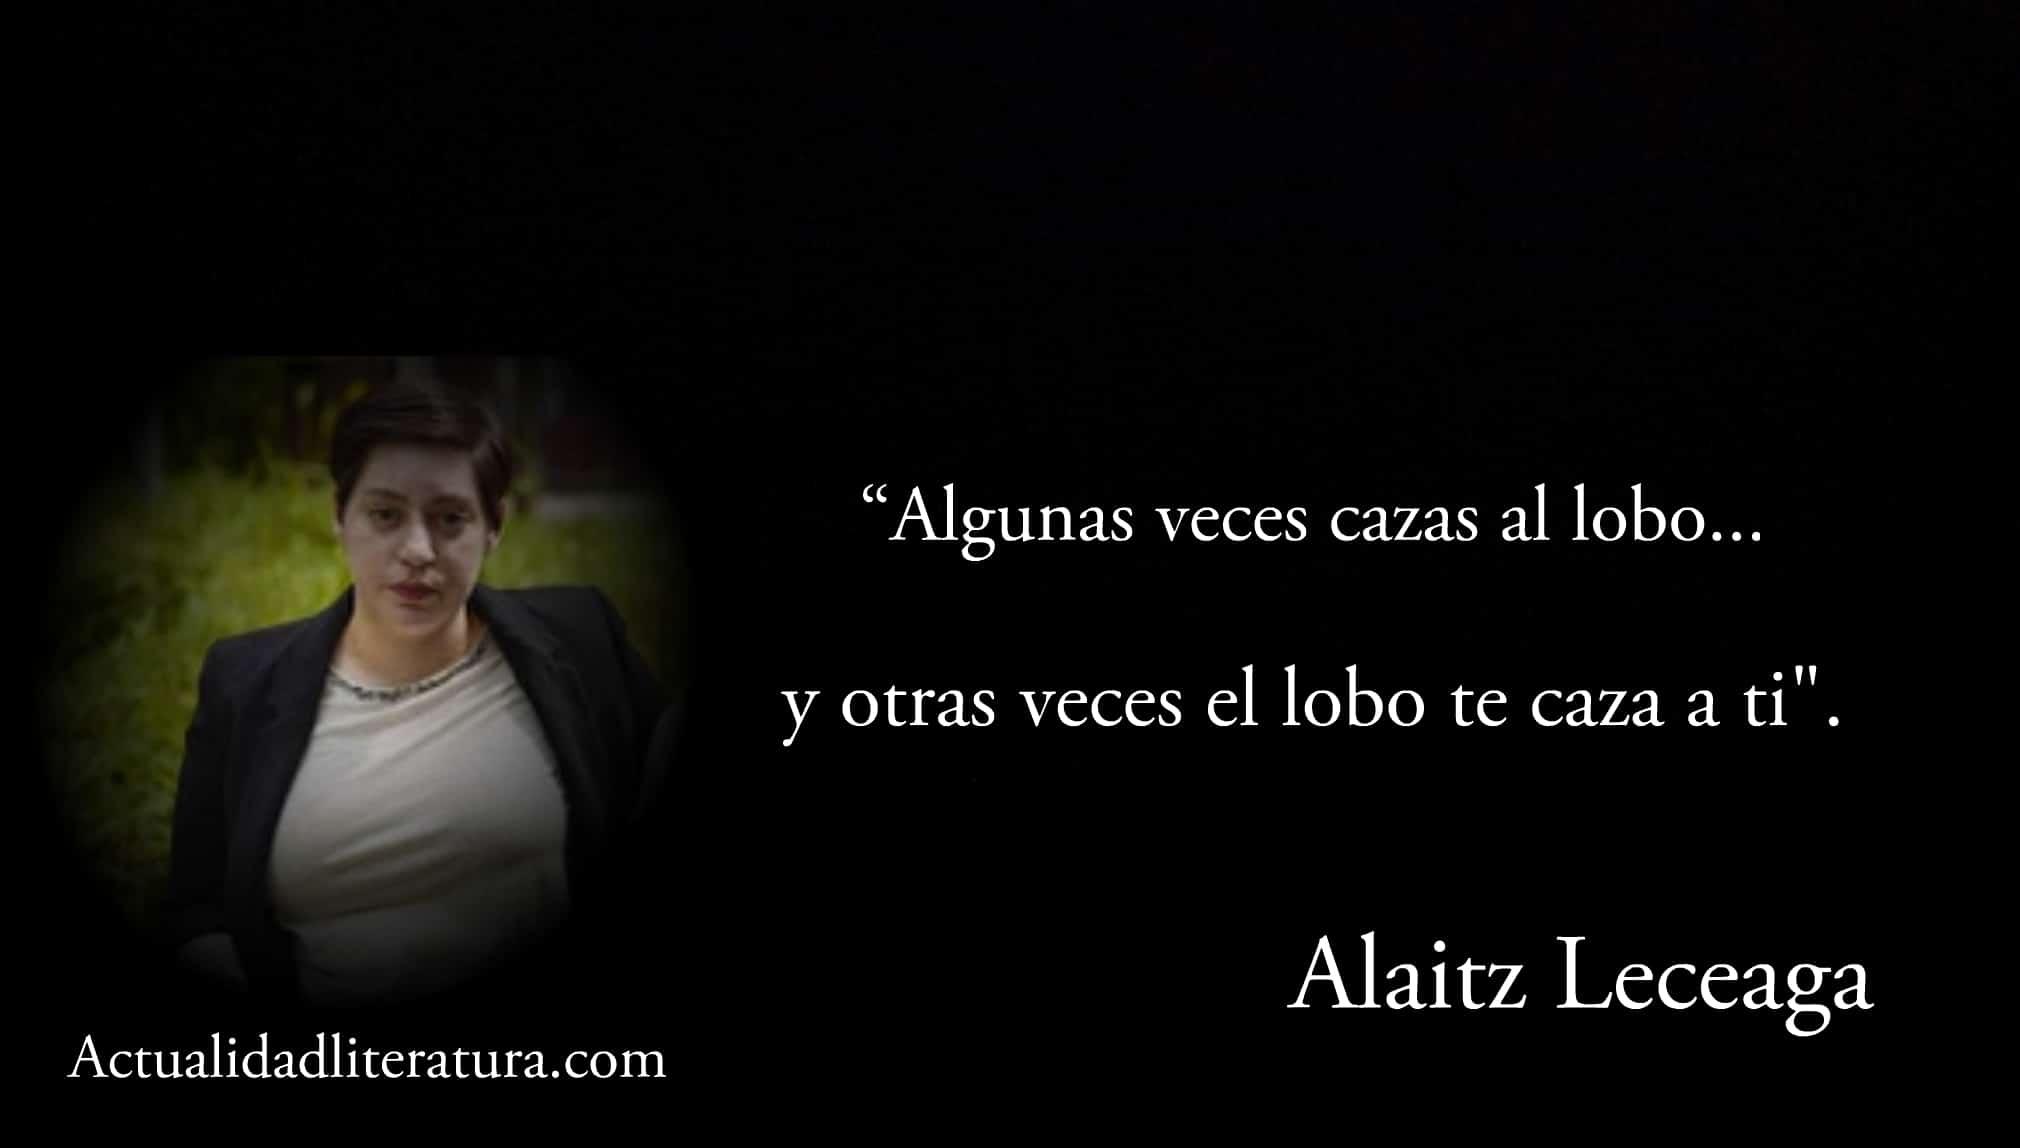 Frase de Alaitz Leceaga.